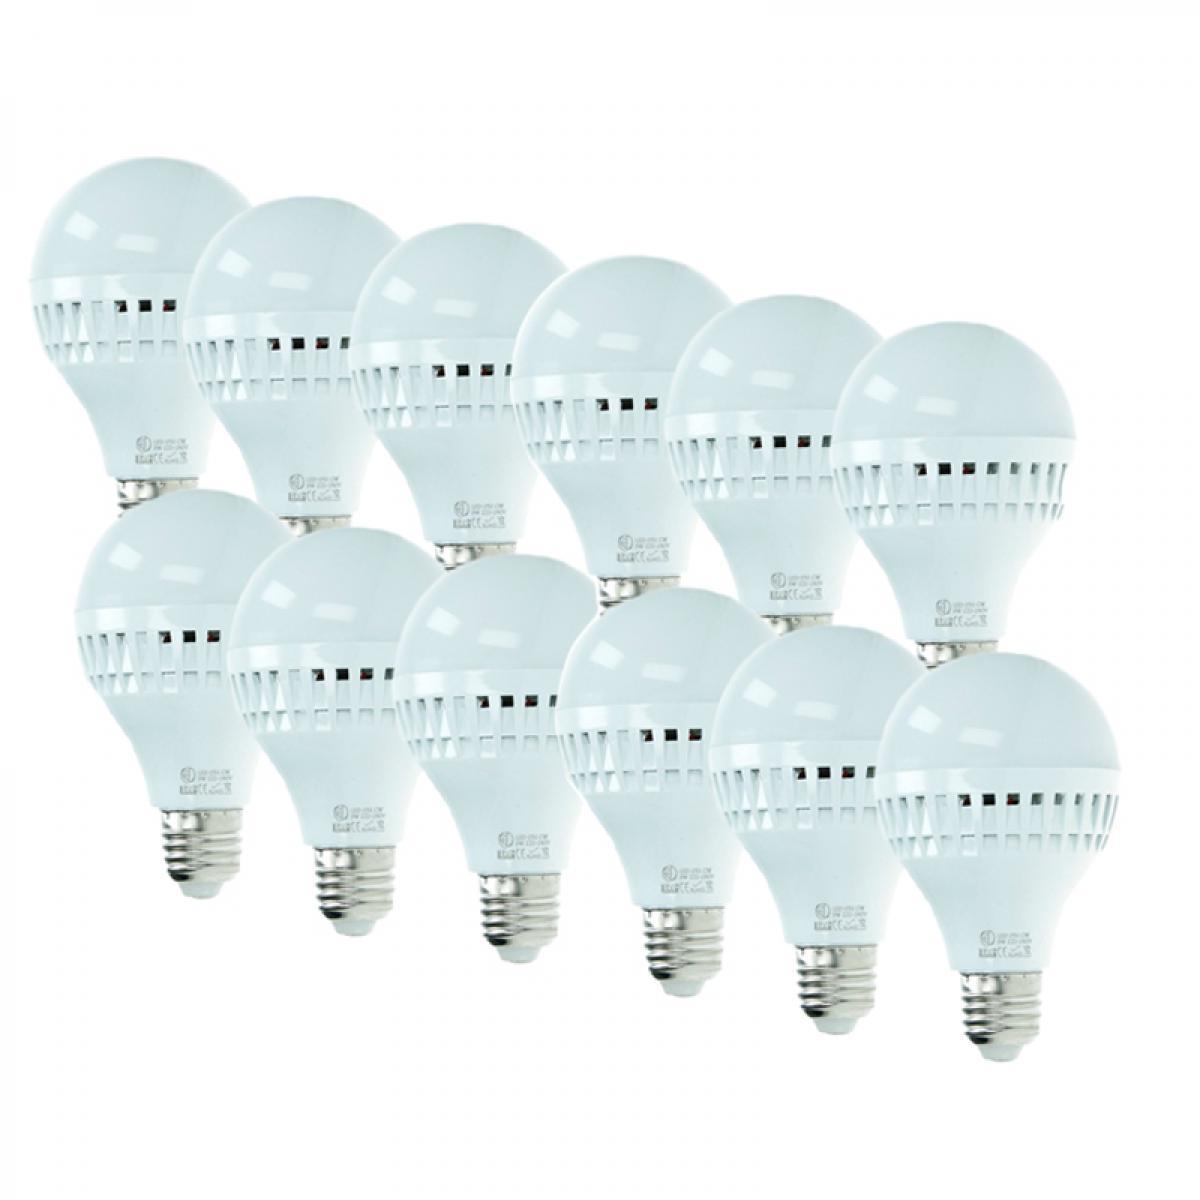 Ecd Germany ECD Germany 12x Ampoule LED E27 9W 240V 584 lumens Remplace les lampes halogènes de 60W blanc chaud Lampe economie d'en